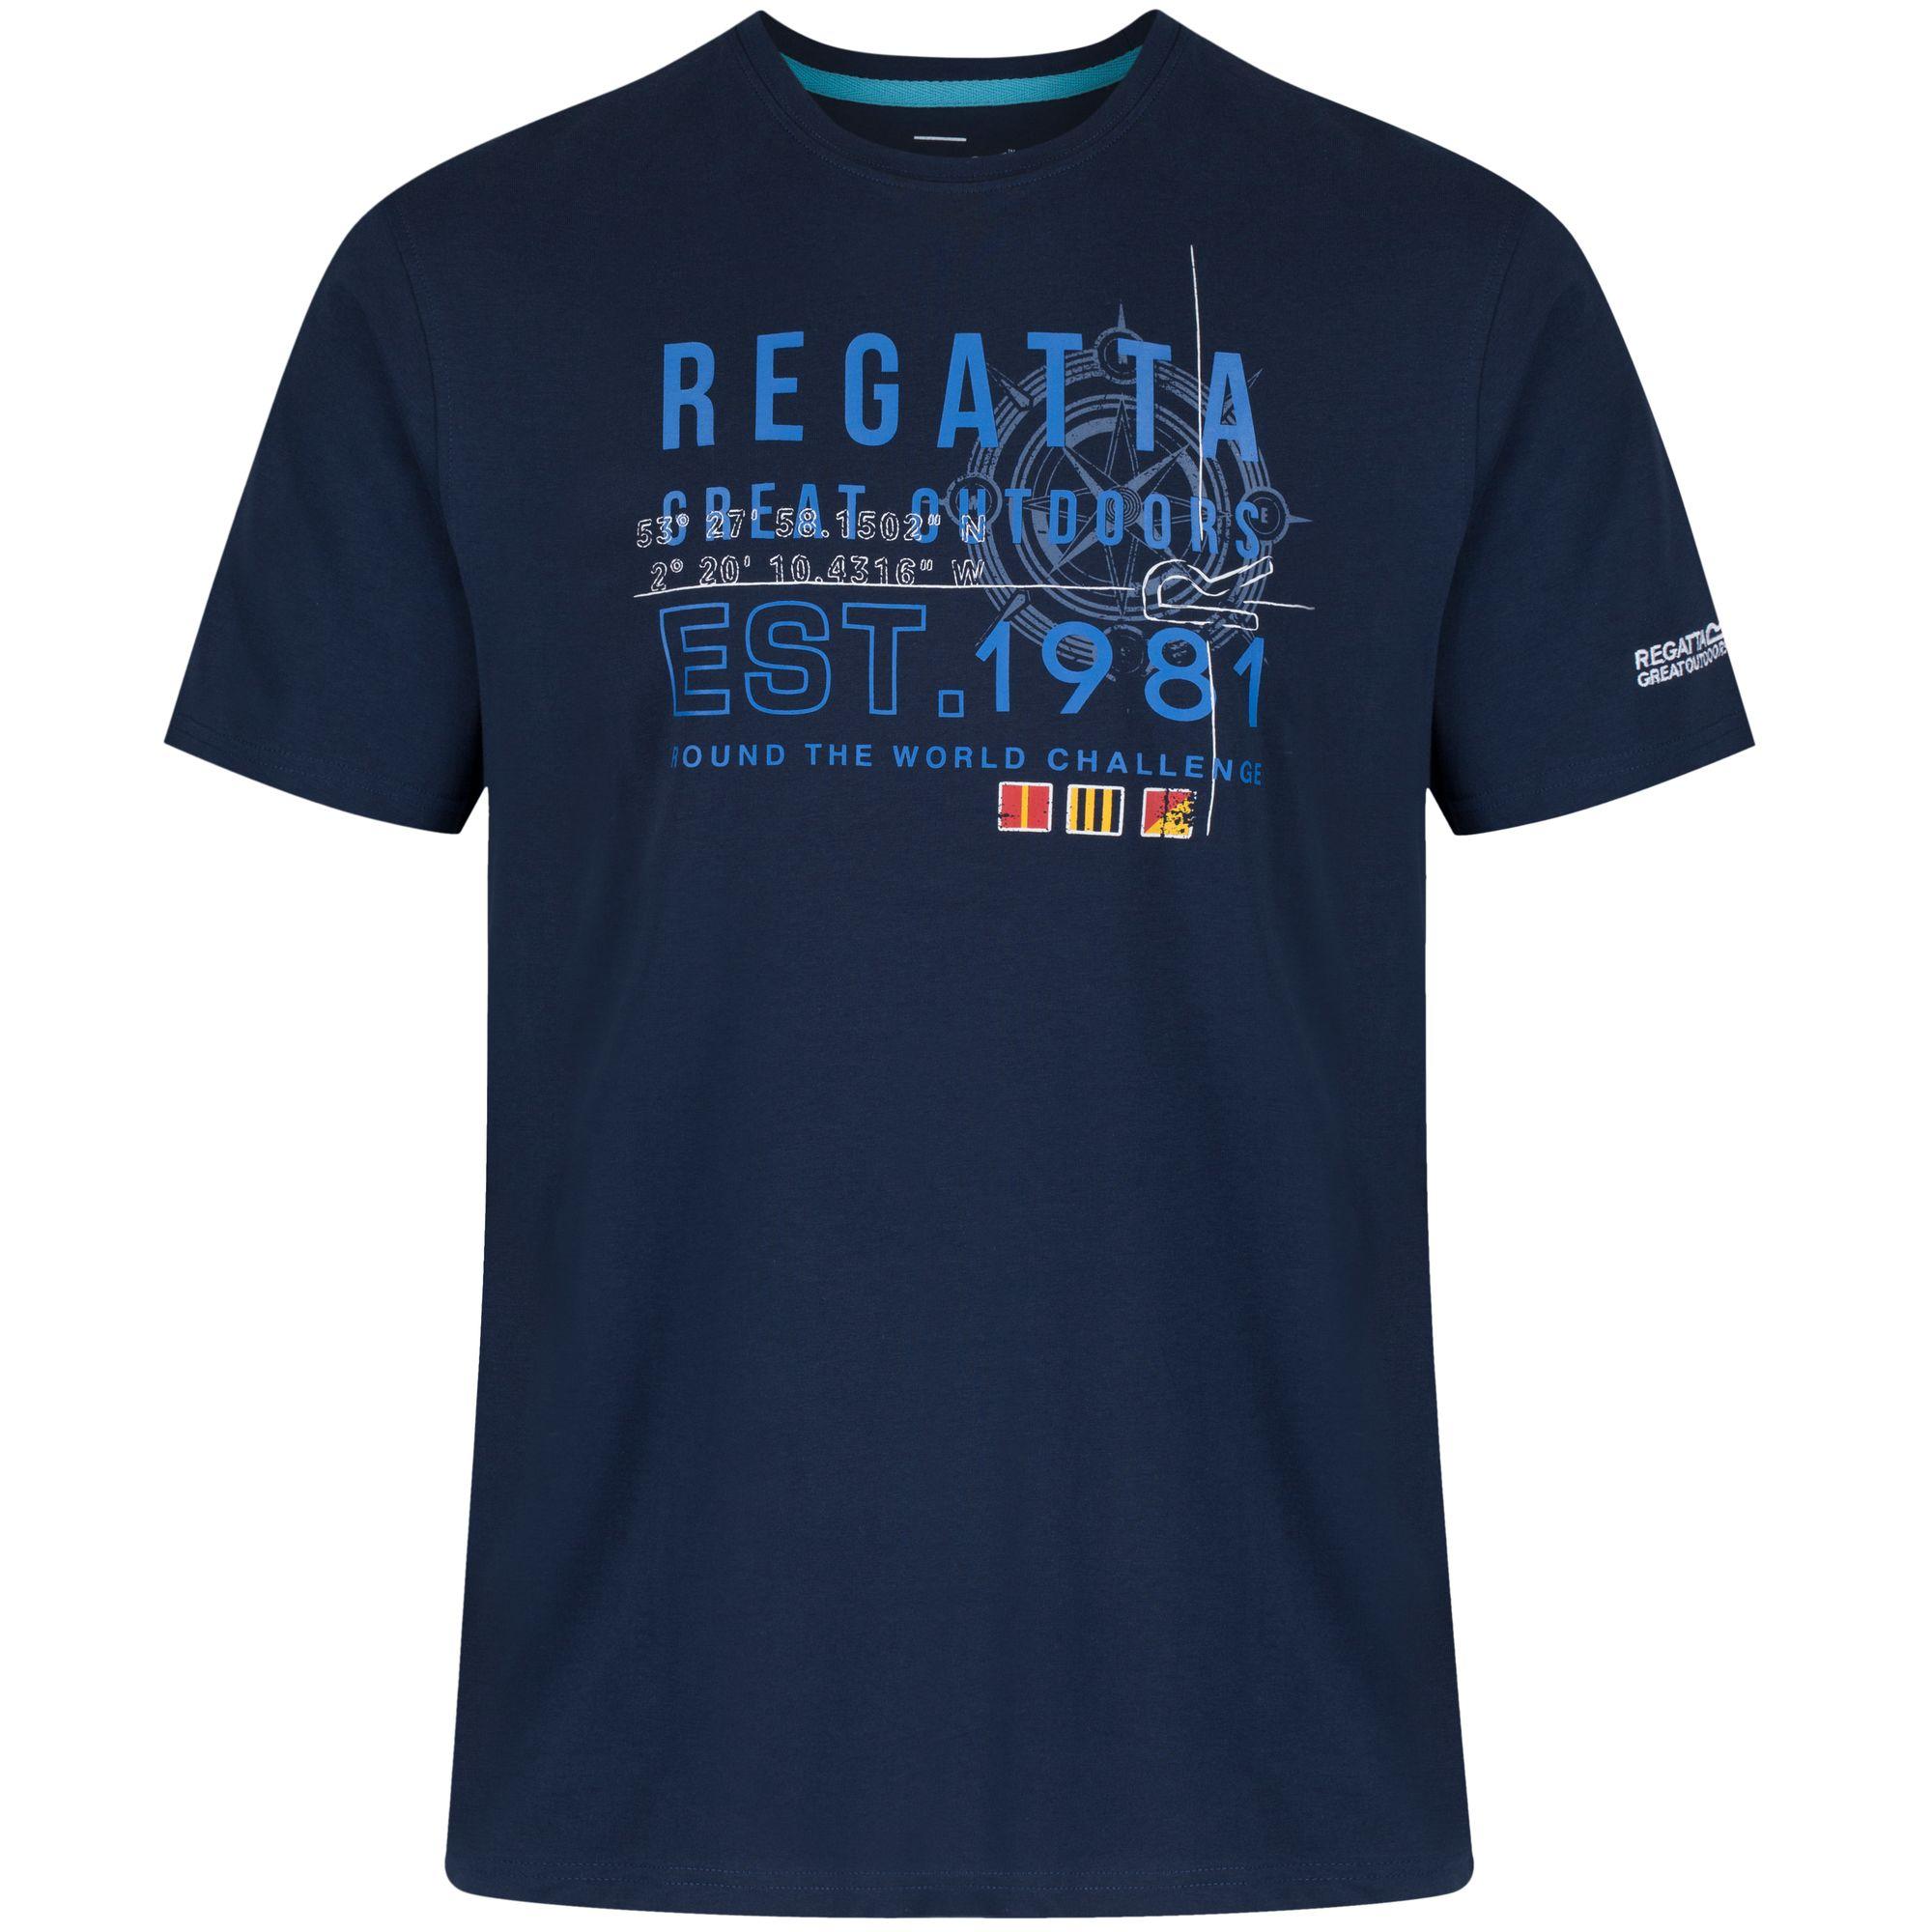 Regatta-Great-Outdoors-Cline-Maglietta-a-manica-corta-in-cotone-Uomo